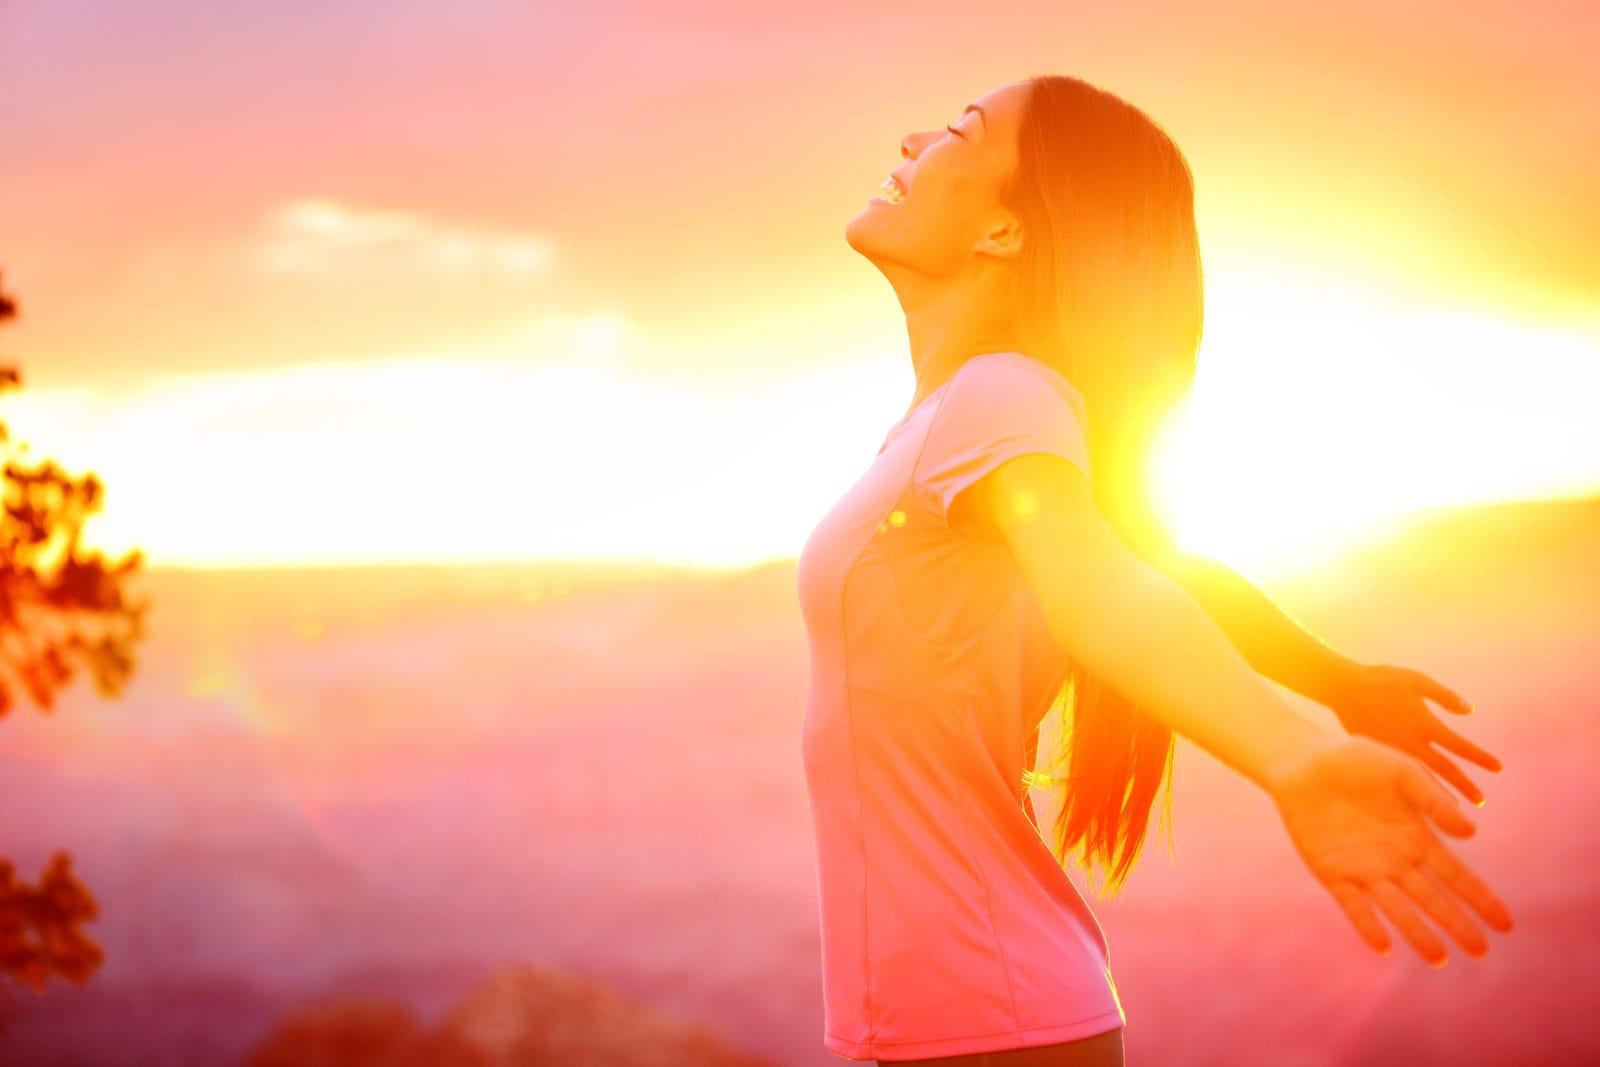 enjoying nature sunset